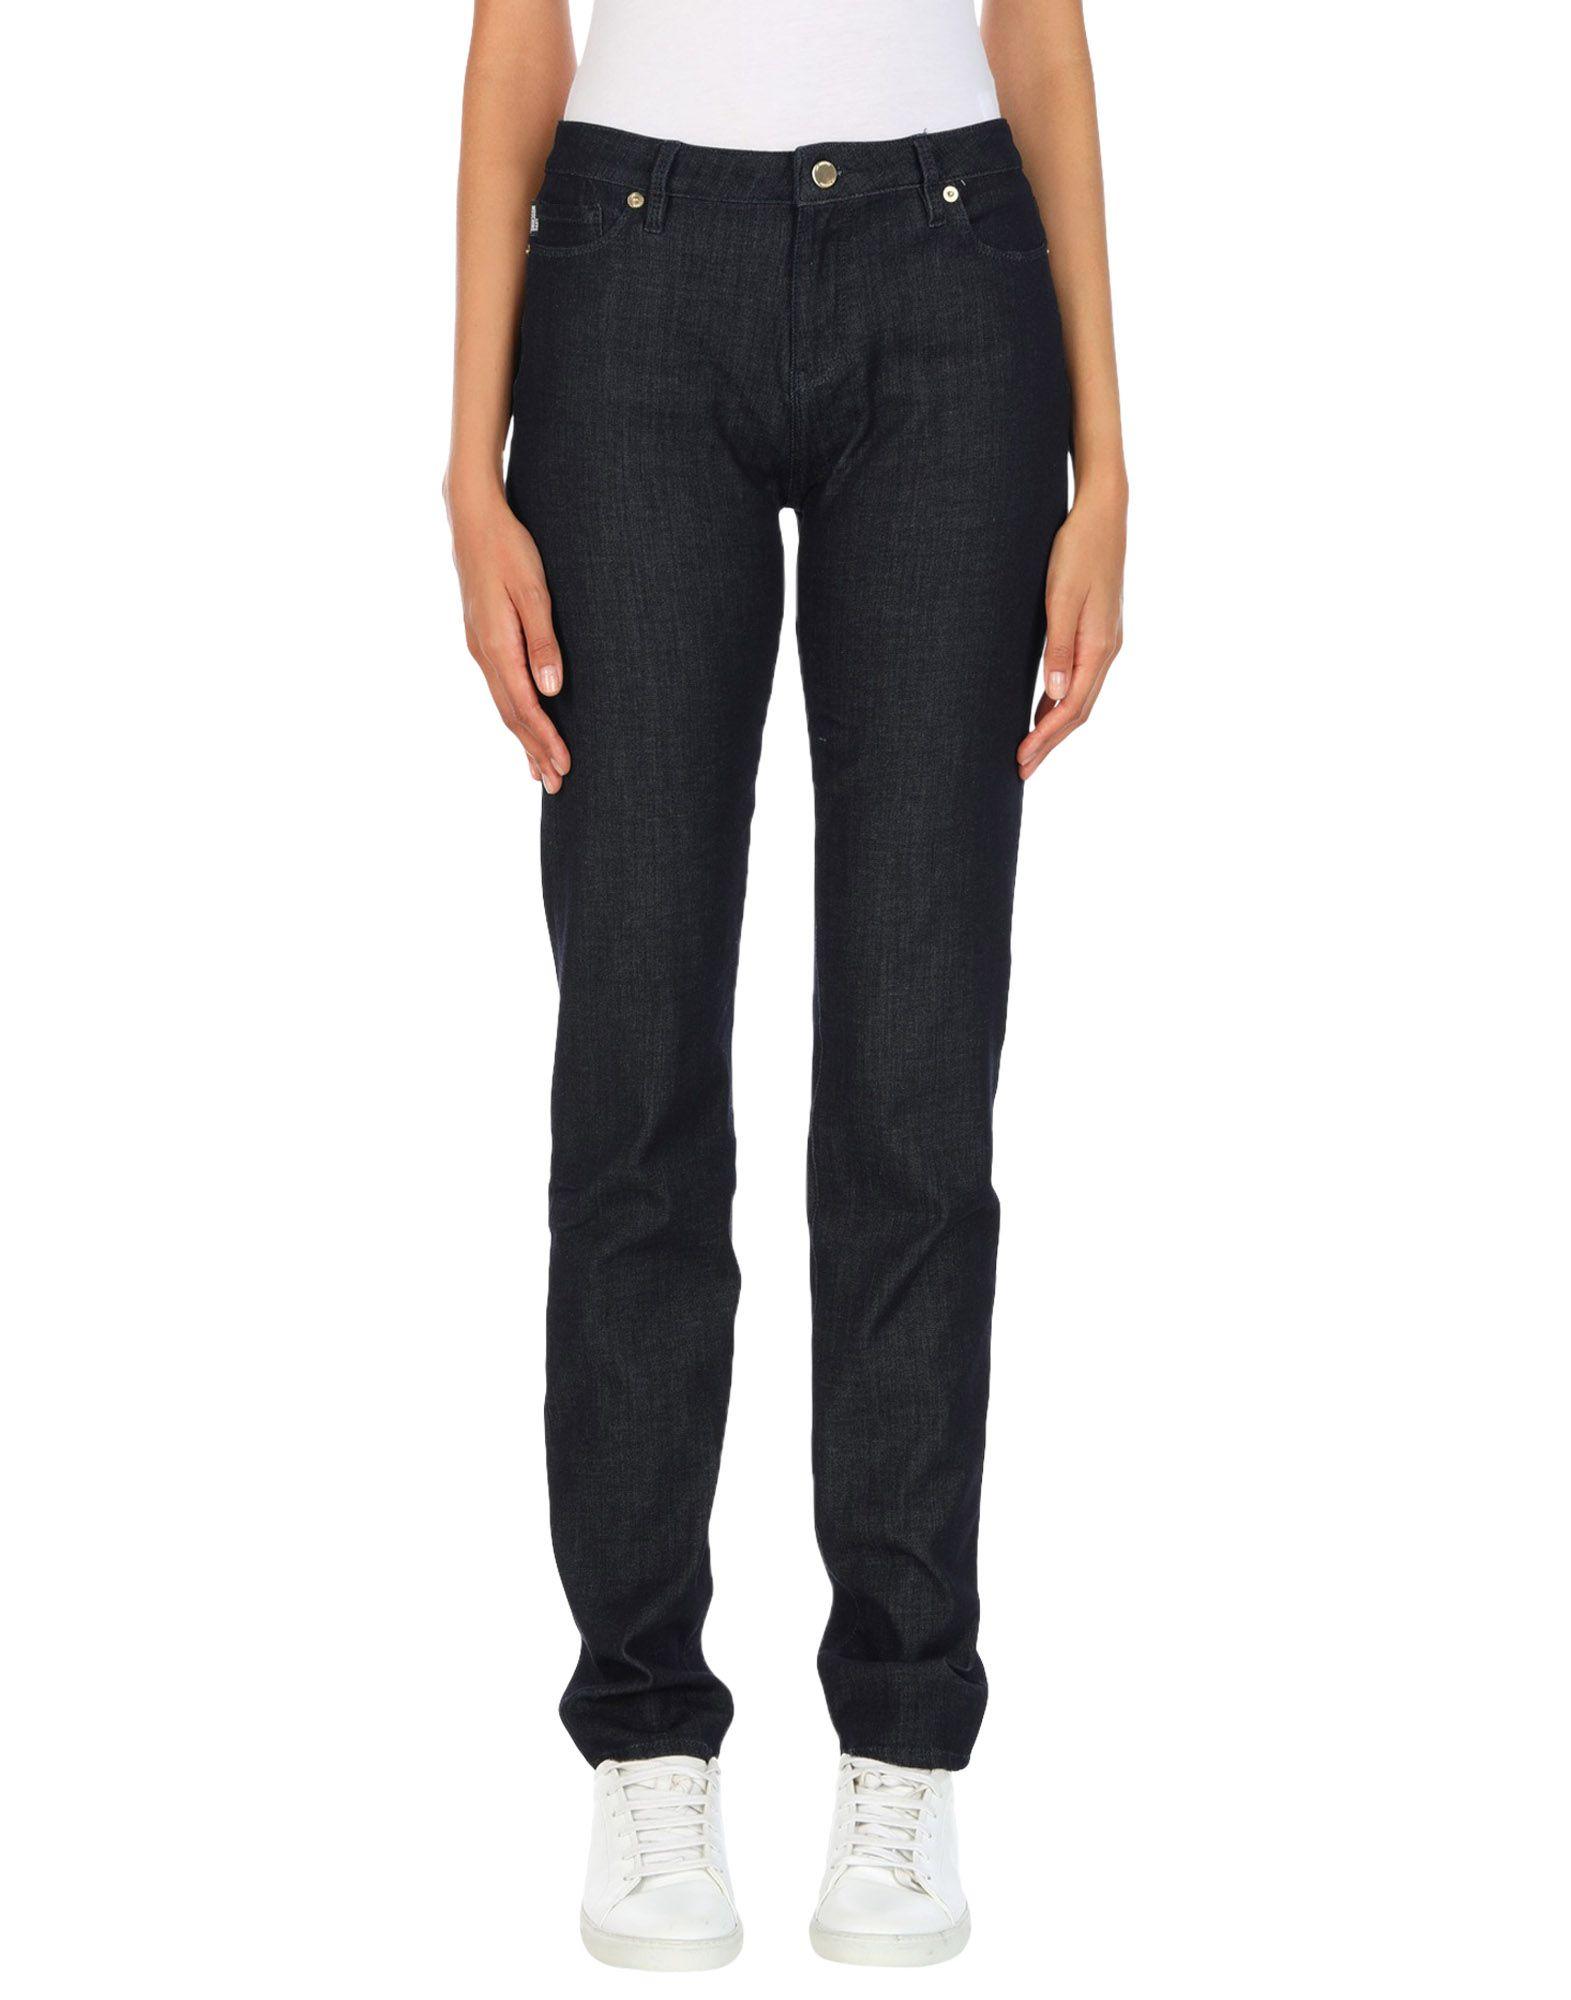 Pantaloni Pantaloni Pantaloni Jeans   Mos no donna - 42698749TT 565